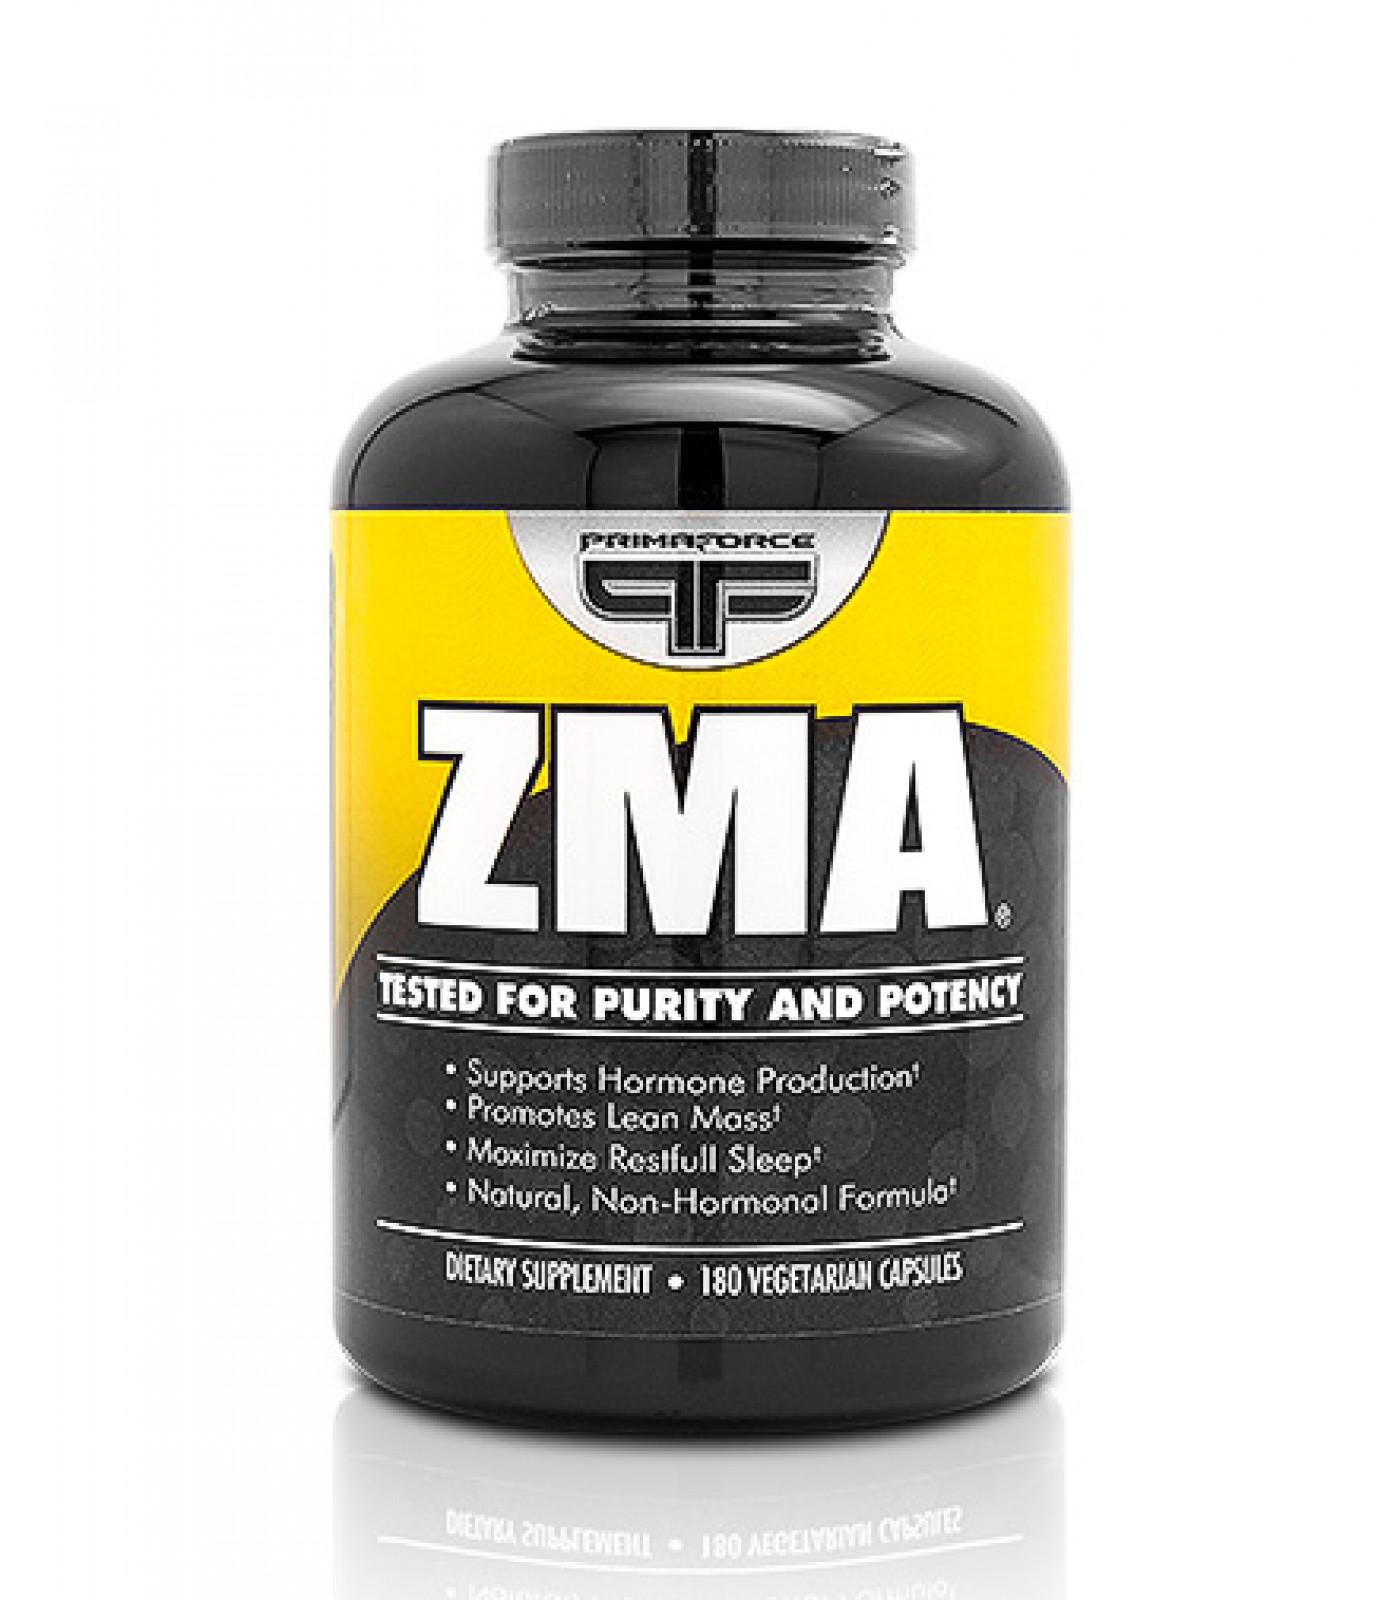 Primaforce - ZMA / 180 caps